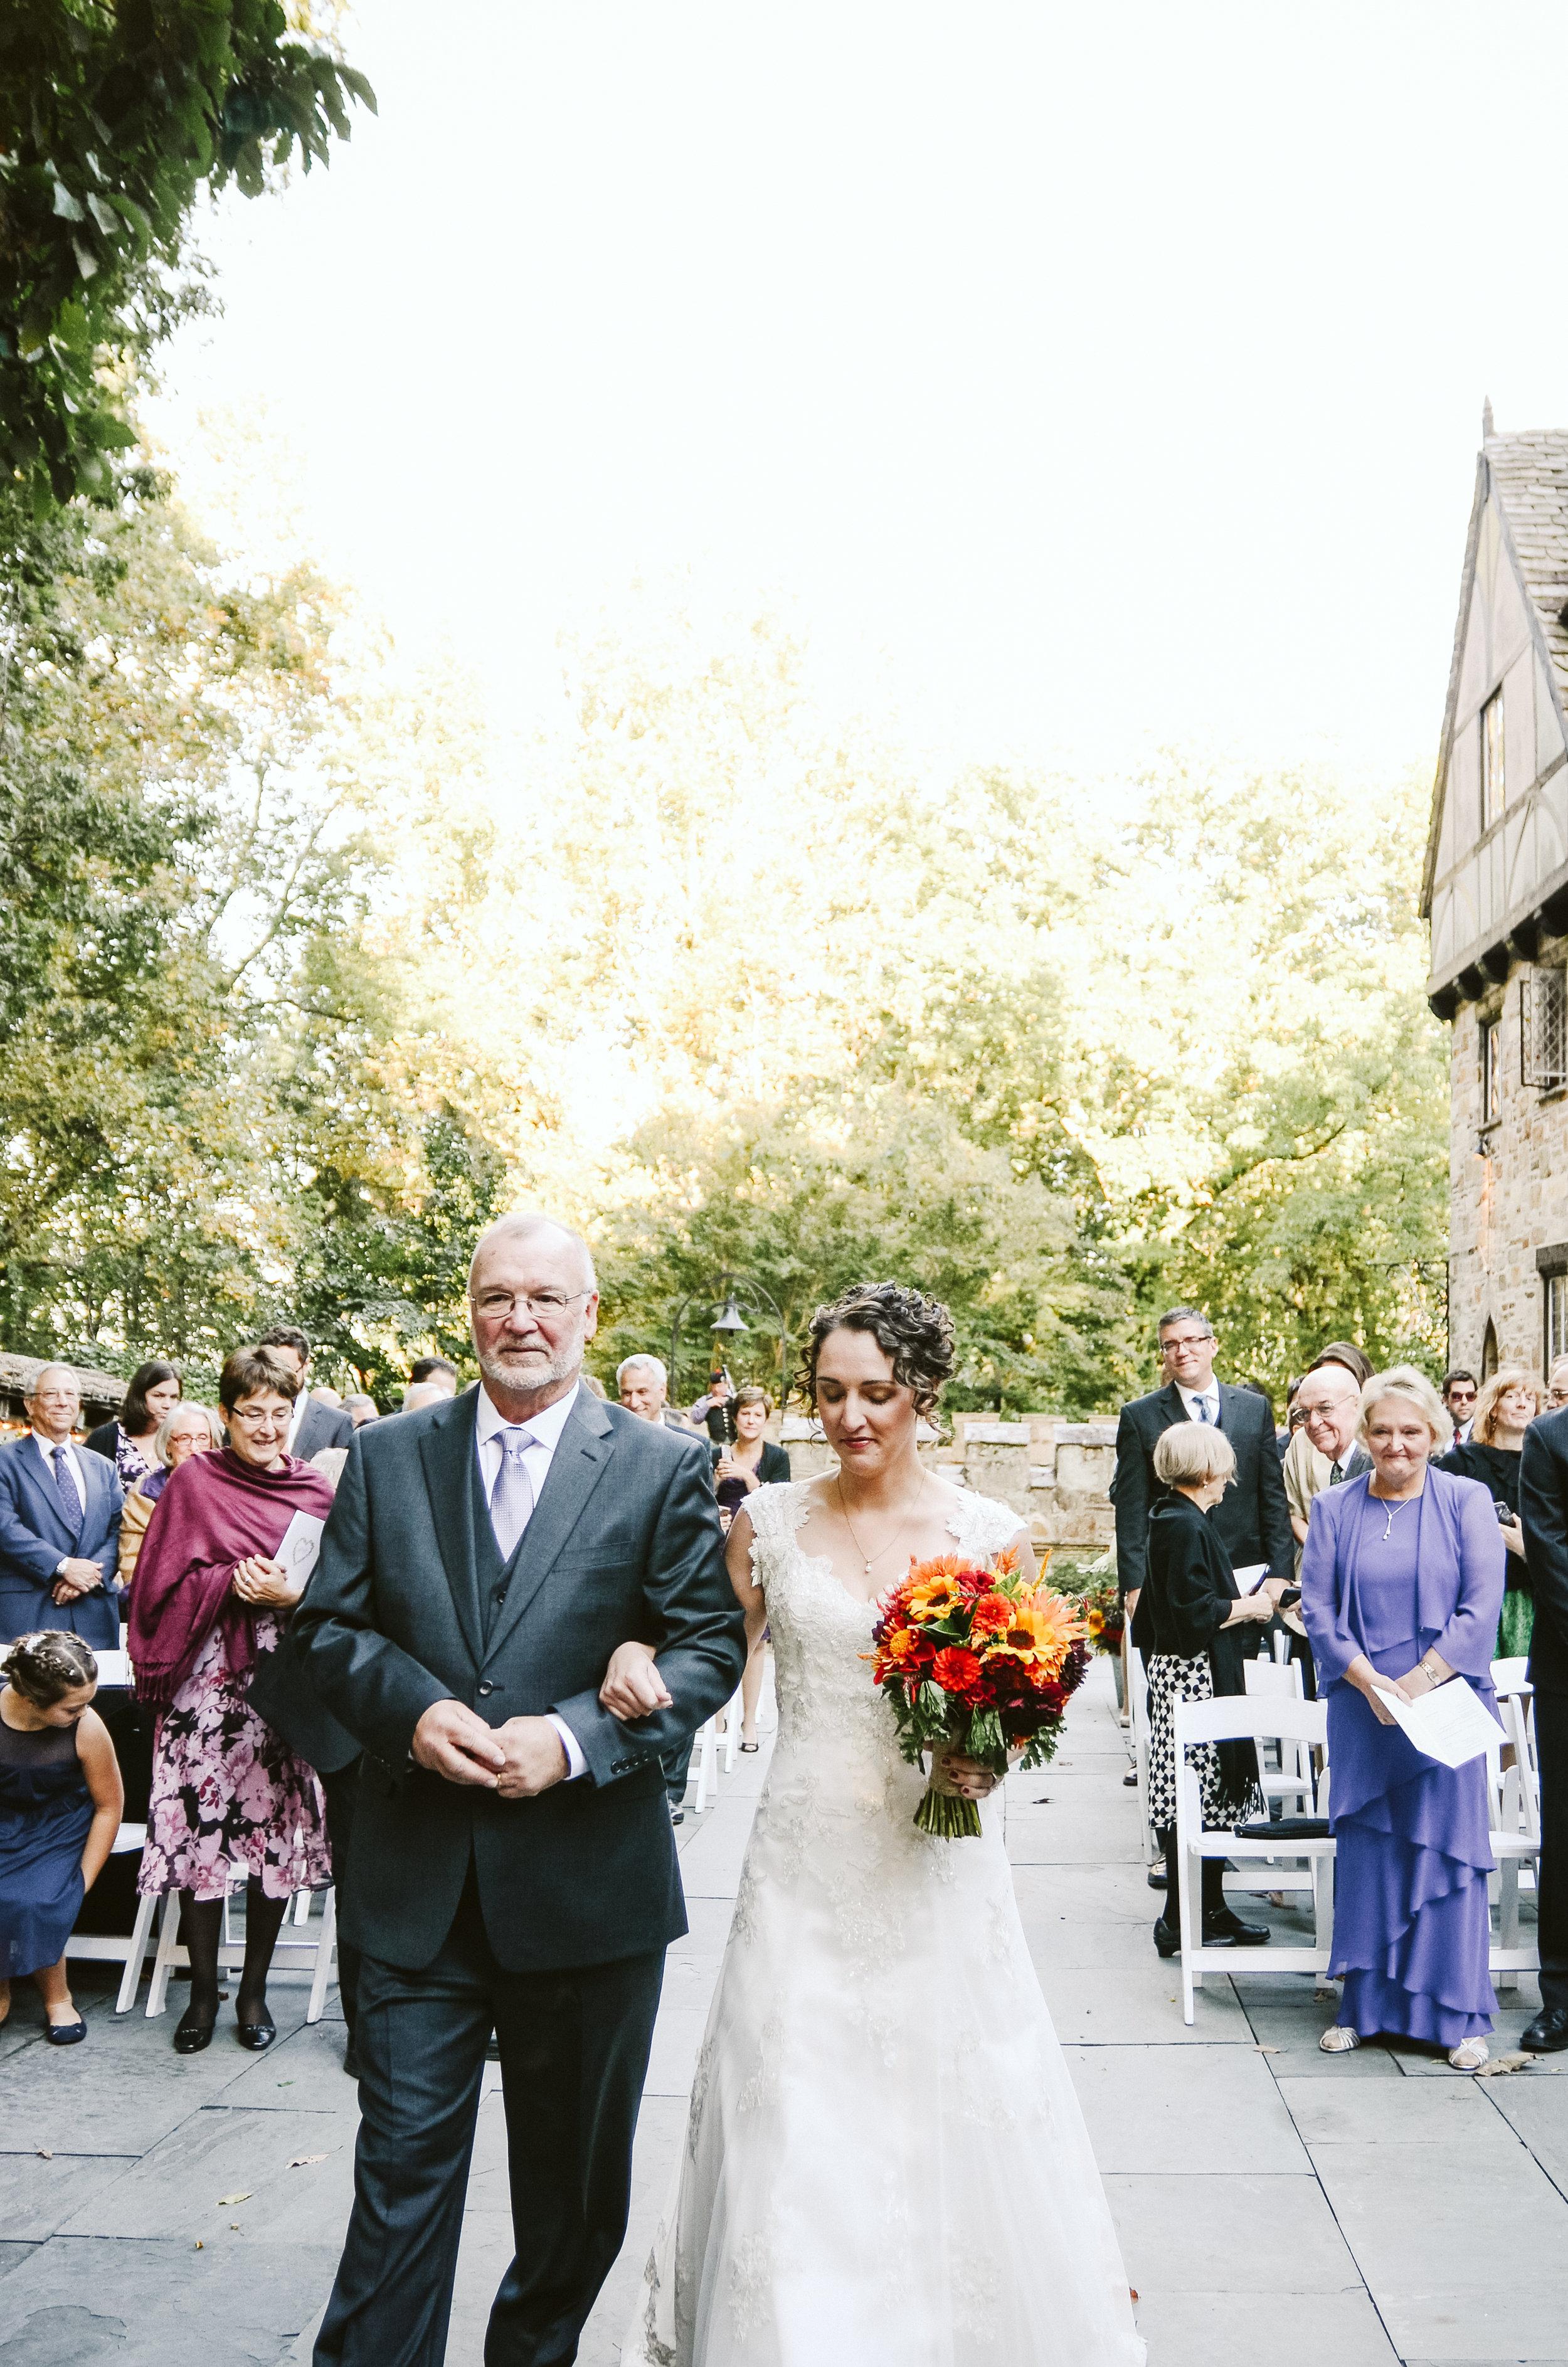 adrienne and greg's wedding 2018 edits-44.jpg